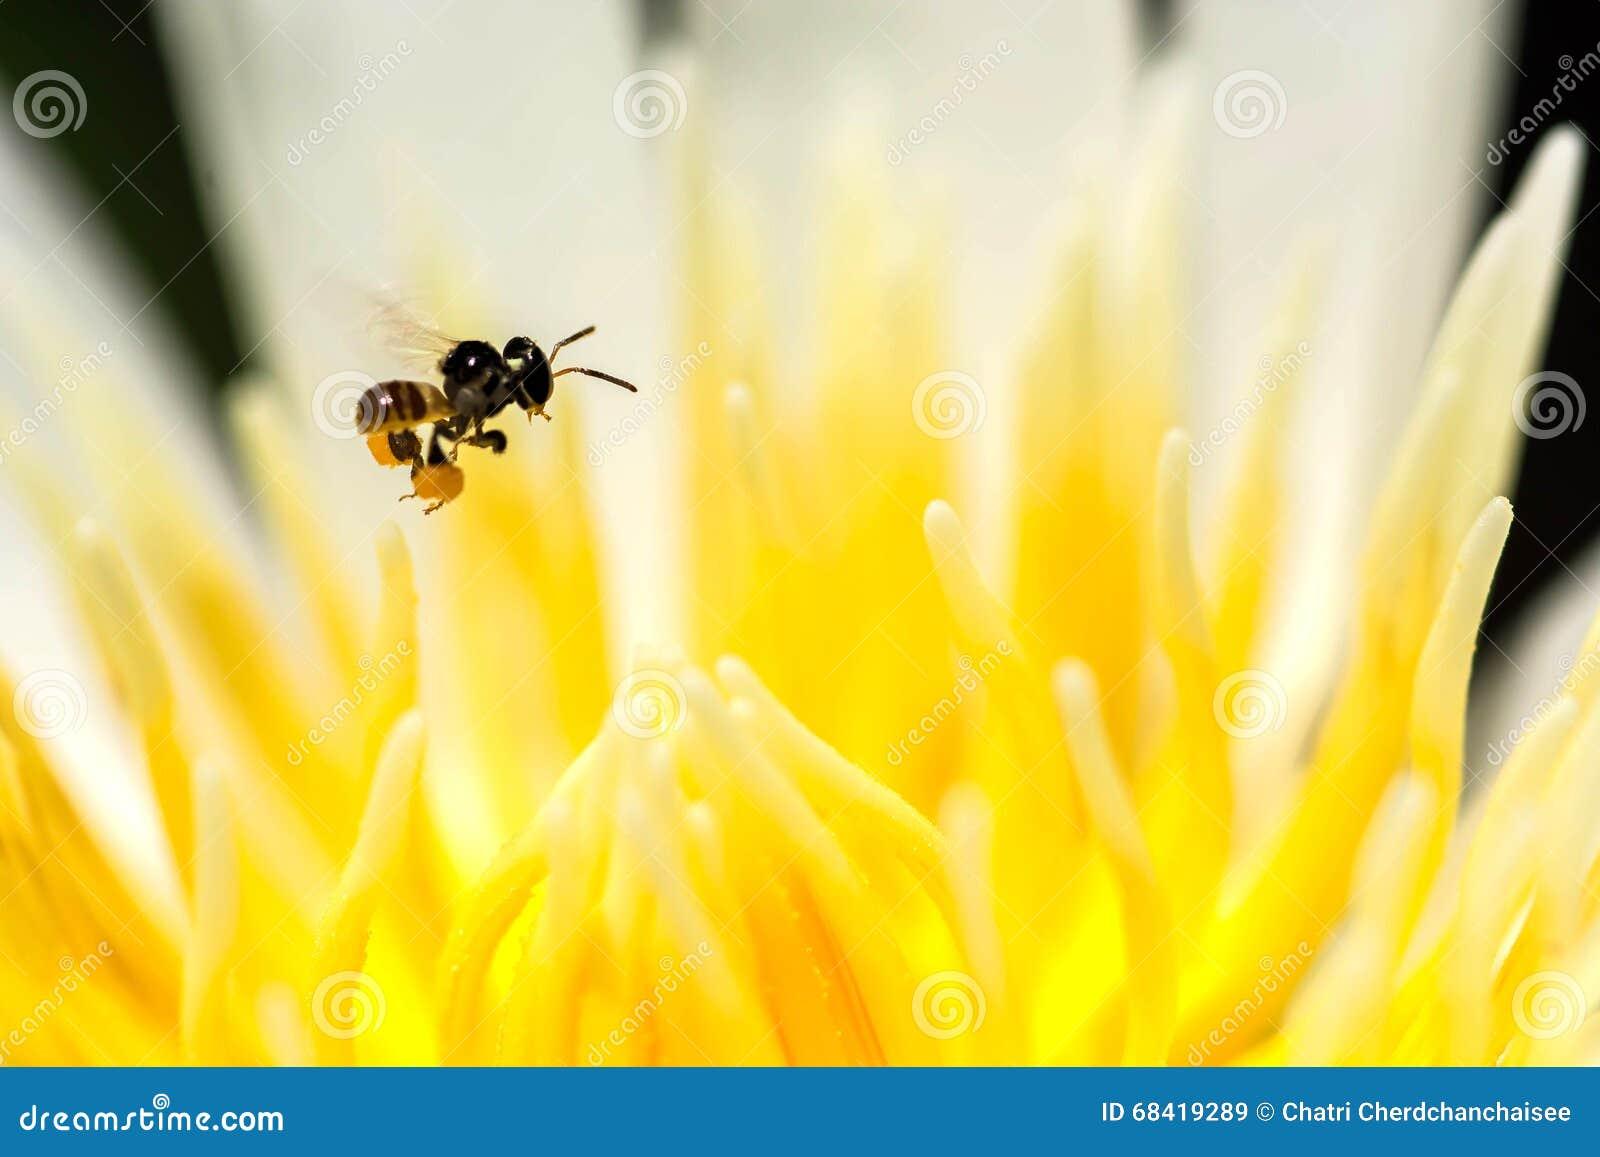 Stingless bij die op lotusbloemstuifmeel vliegen